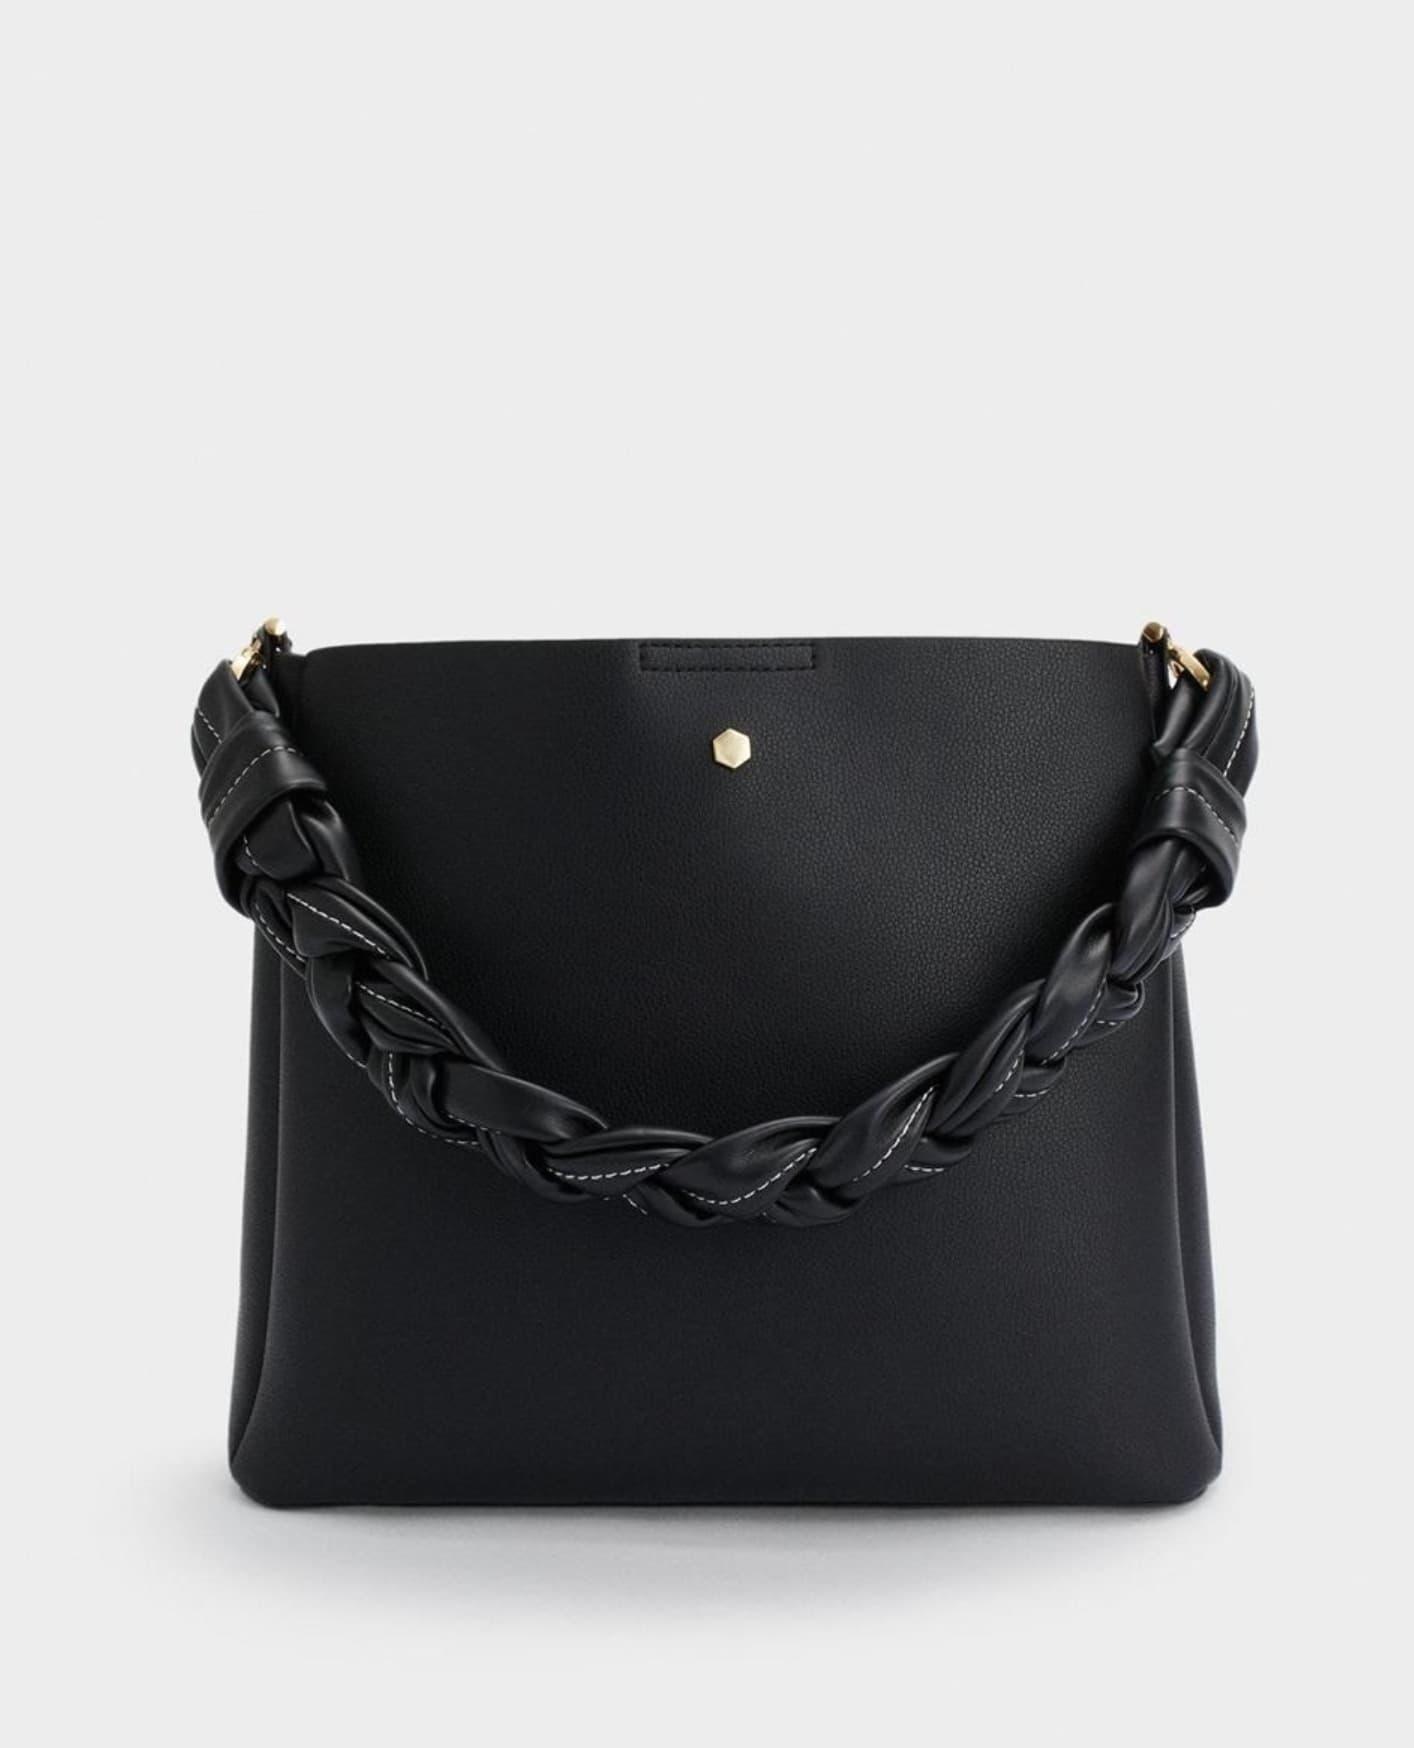 Bolso de hombro Parfois en negro con asa trenzada